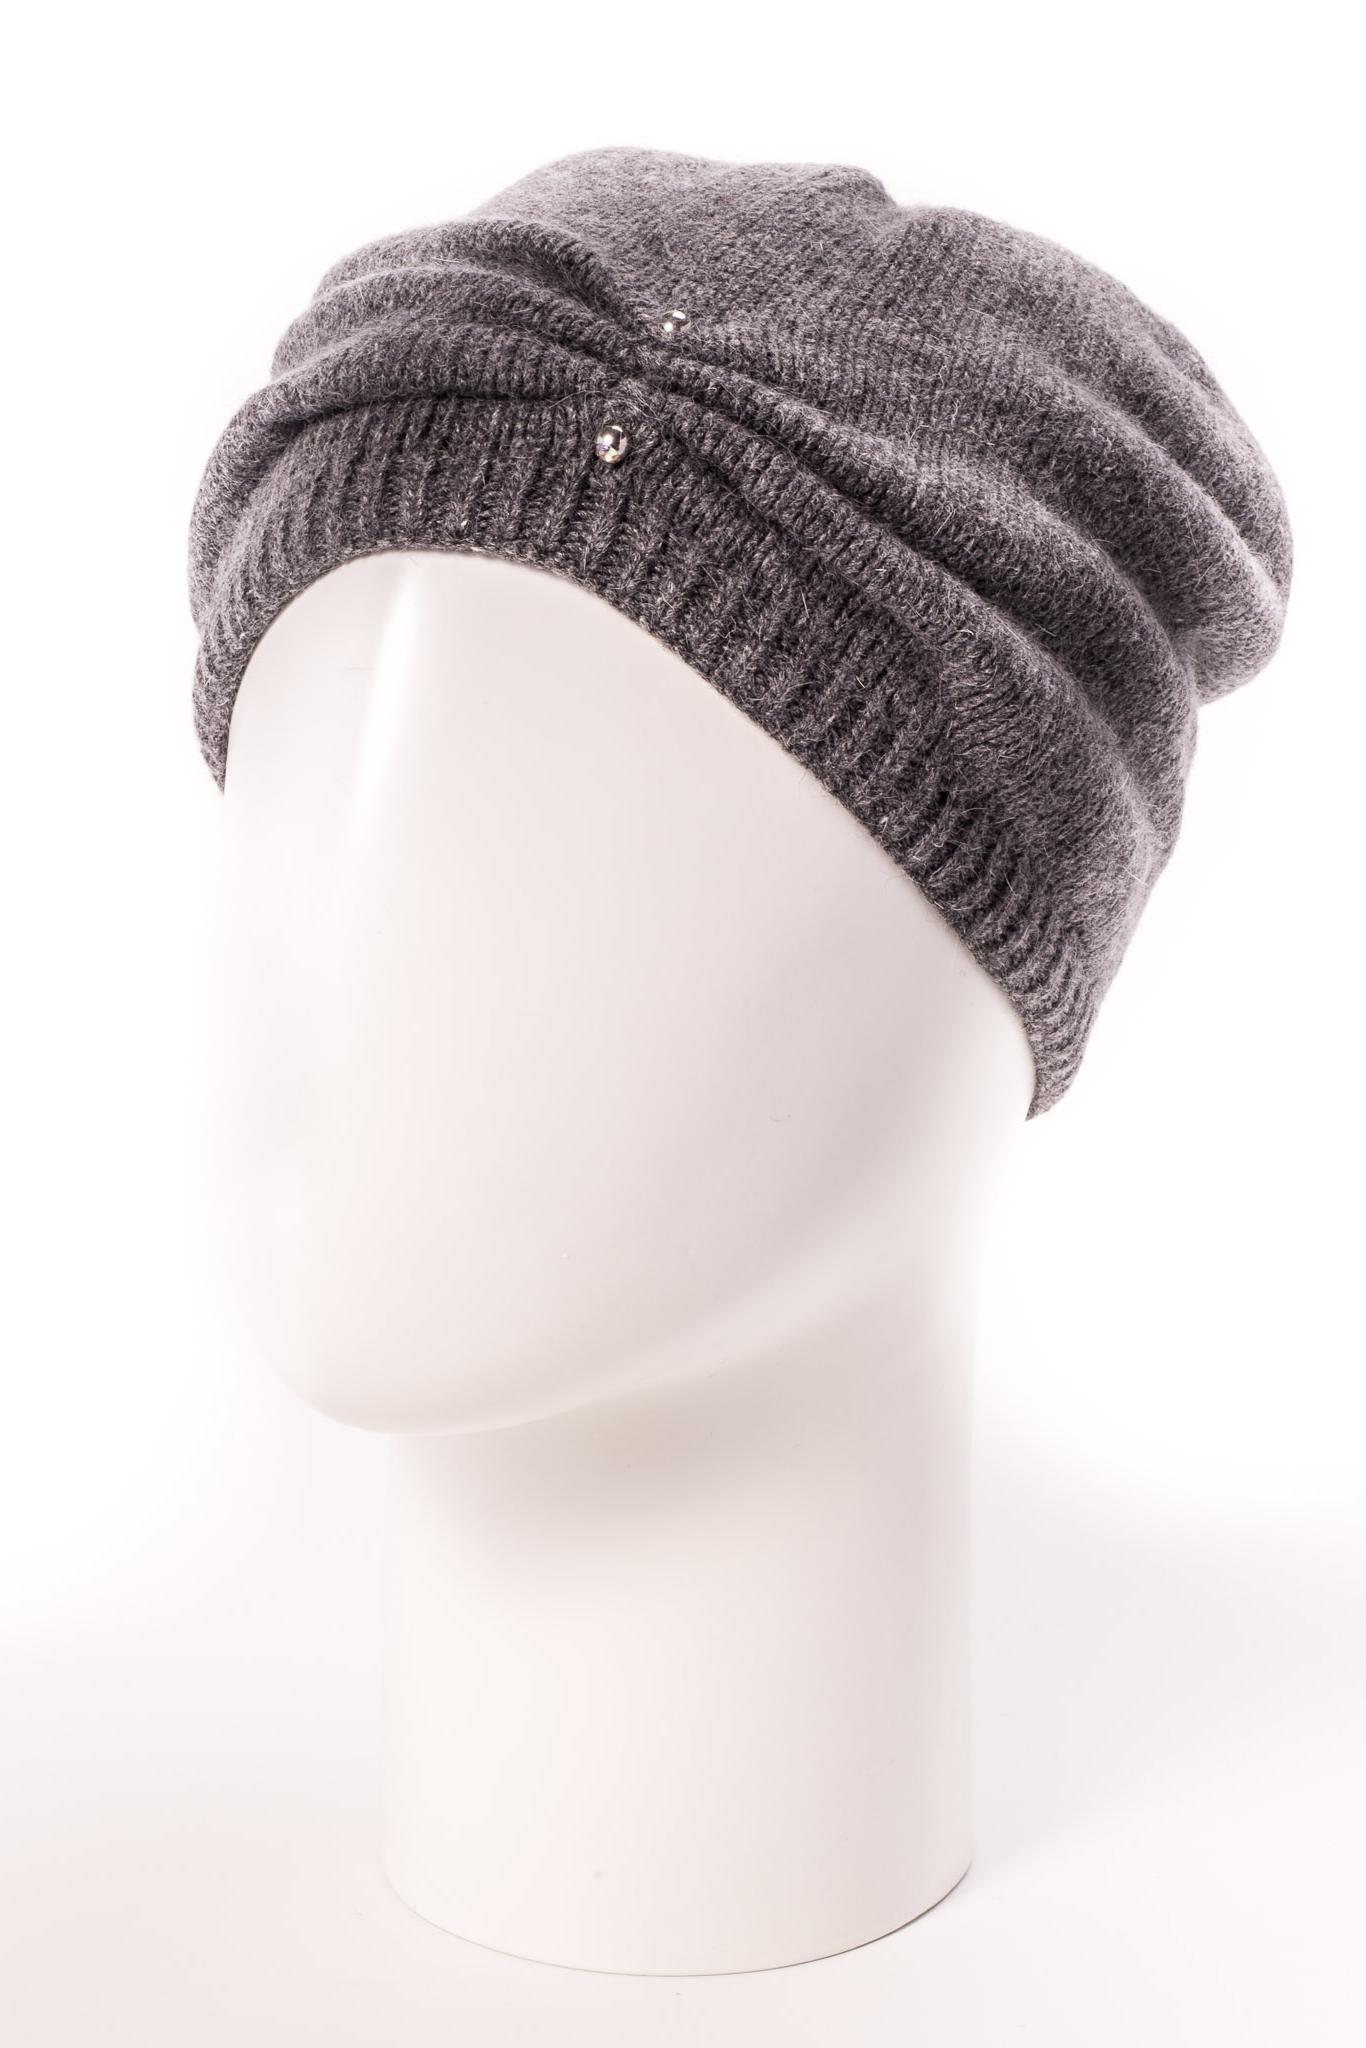 ШапкаКрасивая шапка подарит Вам тепло и комфорт.  Стильный аксессуар защитит Вас от непогоды и станет прекрасным дополнением Вашего образа.  Цвет: серый<br><br>По материалу: Вязаные,Трикотаж<br>По рисунку: Однотонные<br>По элементам: С декором<br>По сезону: Зима<br>Размер : universal<br>Материал: Вязаное полотно<br>Количество в наличии: 1